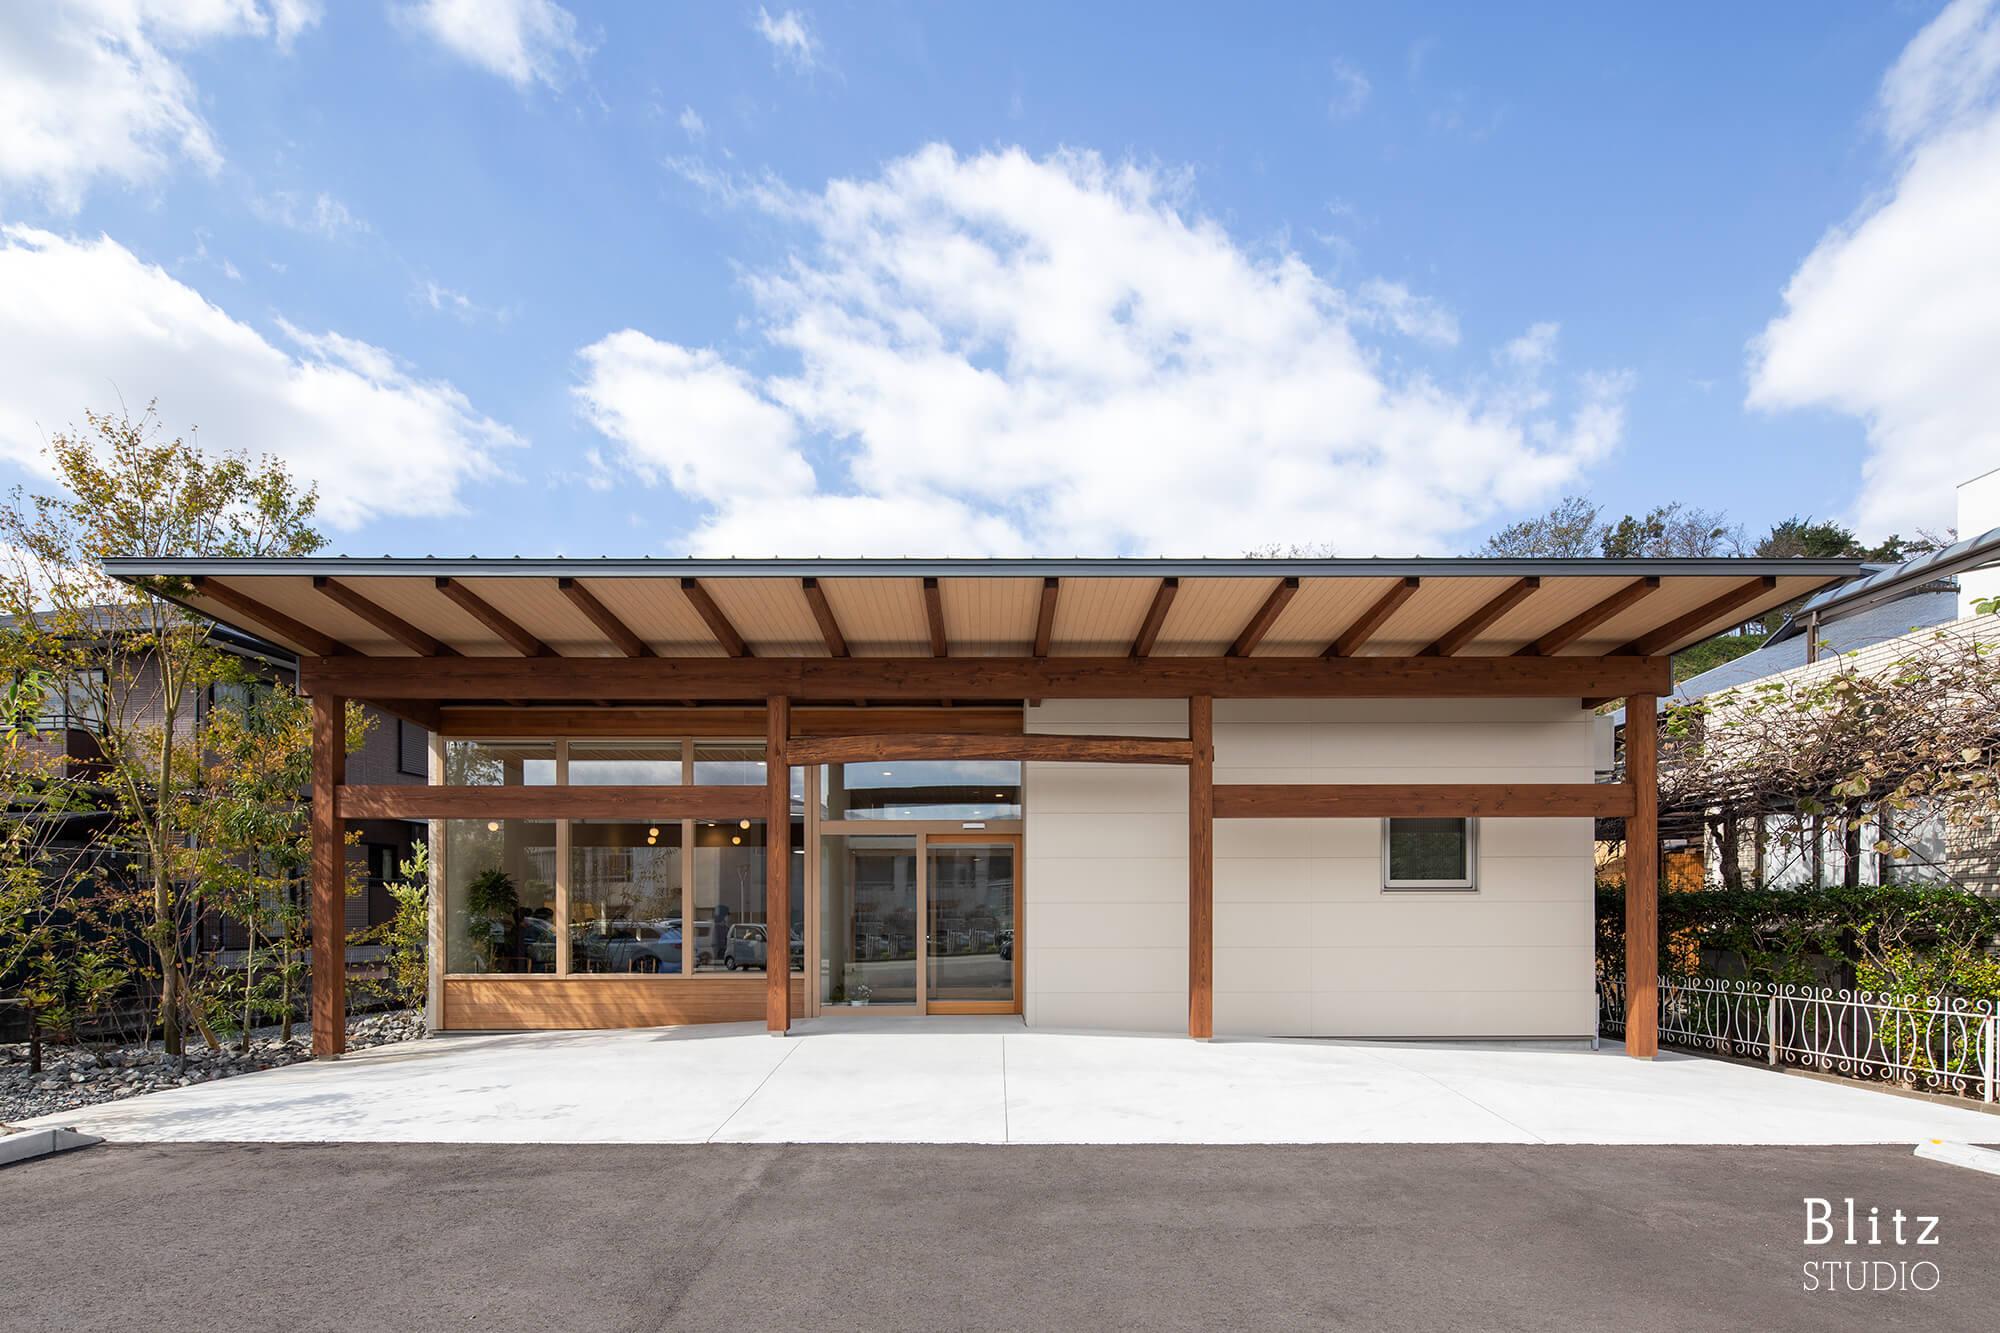 『江藤歯科医院』-熊本県-建築写真・竣工写真・インテリア写真2